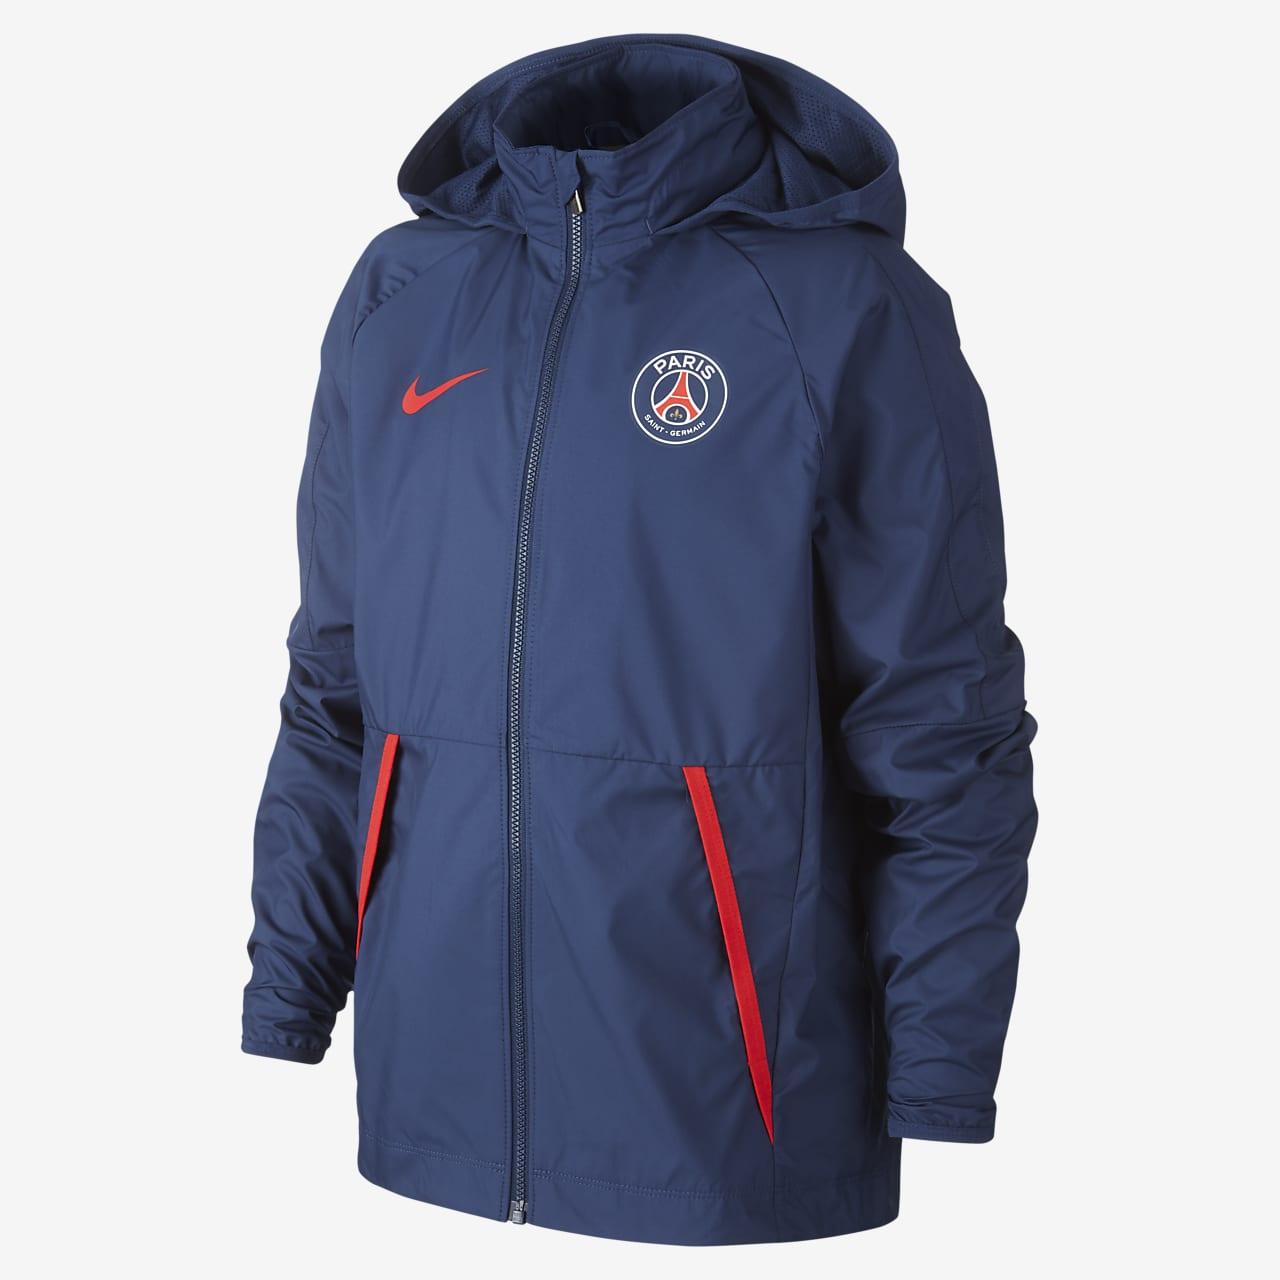 Giacca da calcio Paris Saint-Germain - Ragazzi